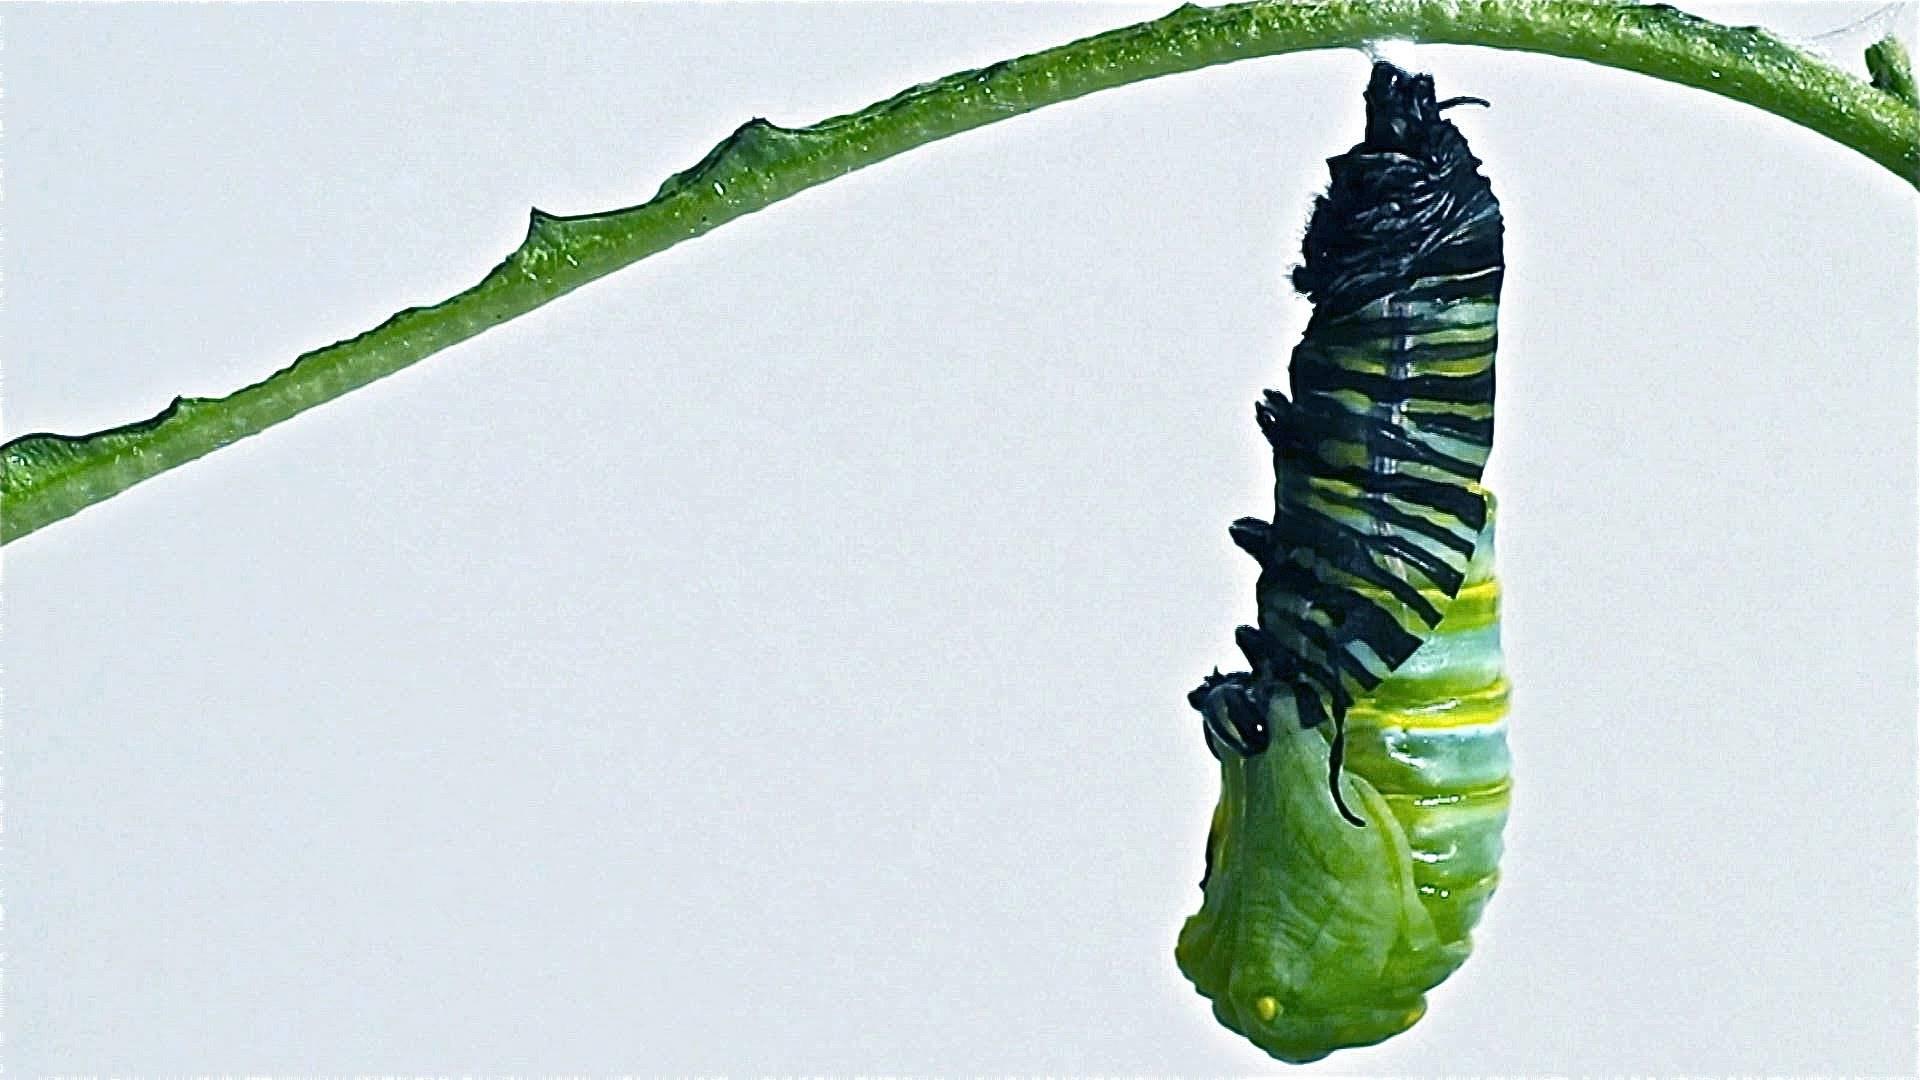 Британец нашёл в овощах гусениц, но не стал их выкидывать. он вырастил их и показал, какими бабочками те стали